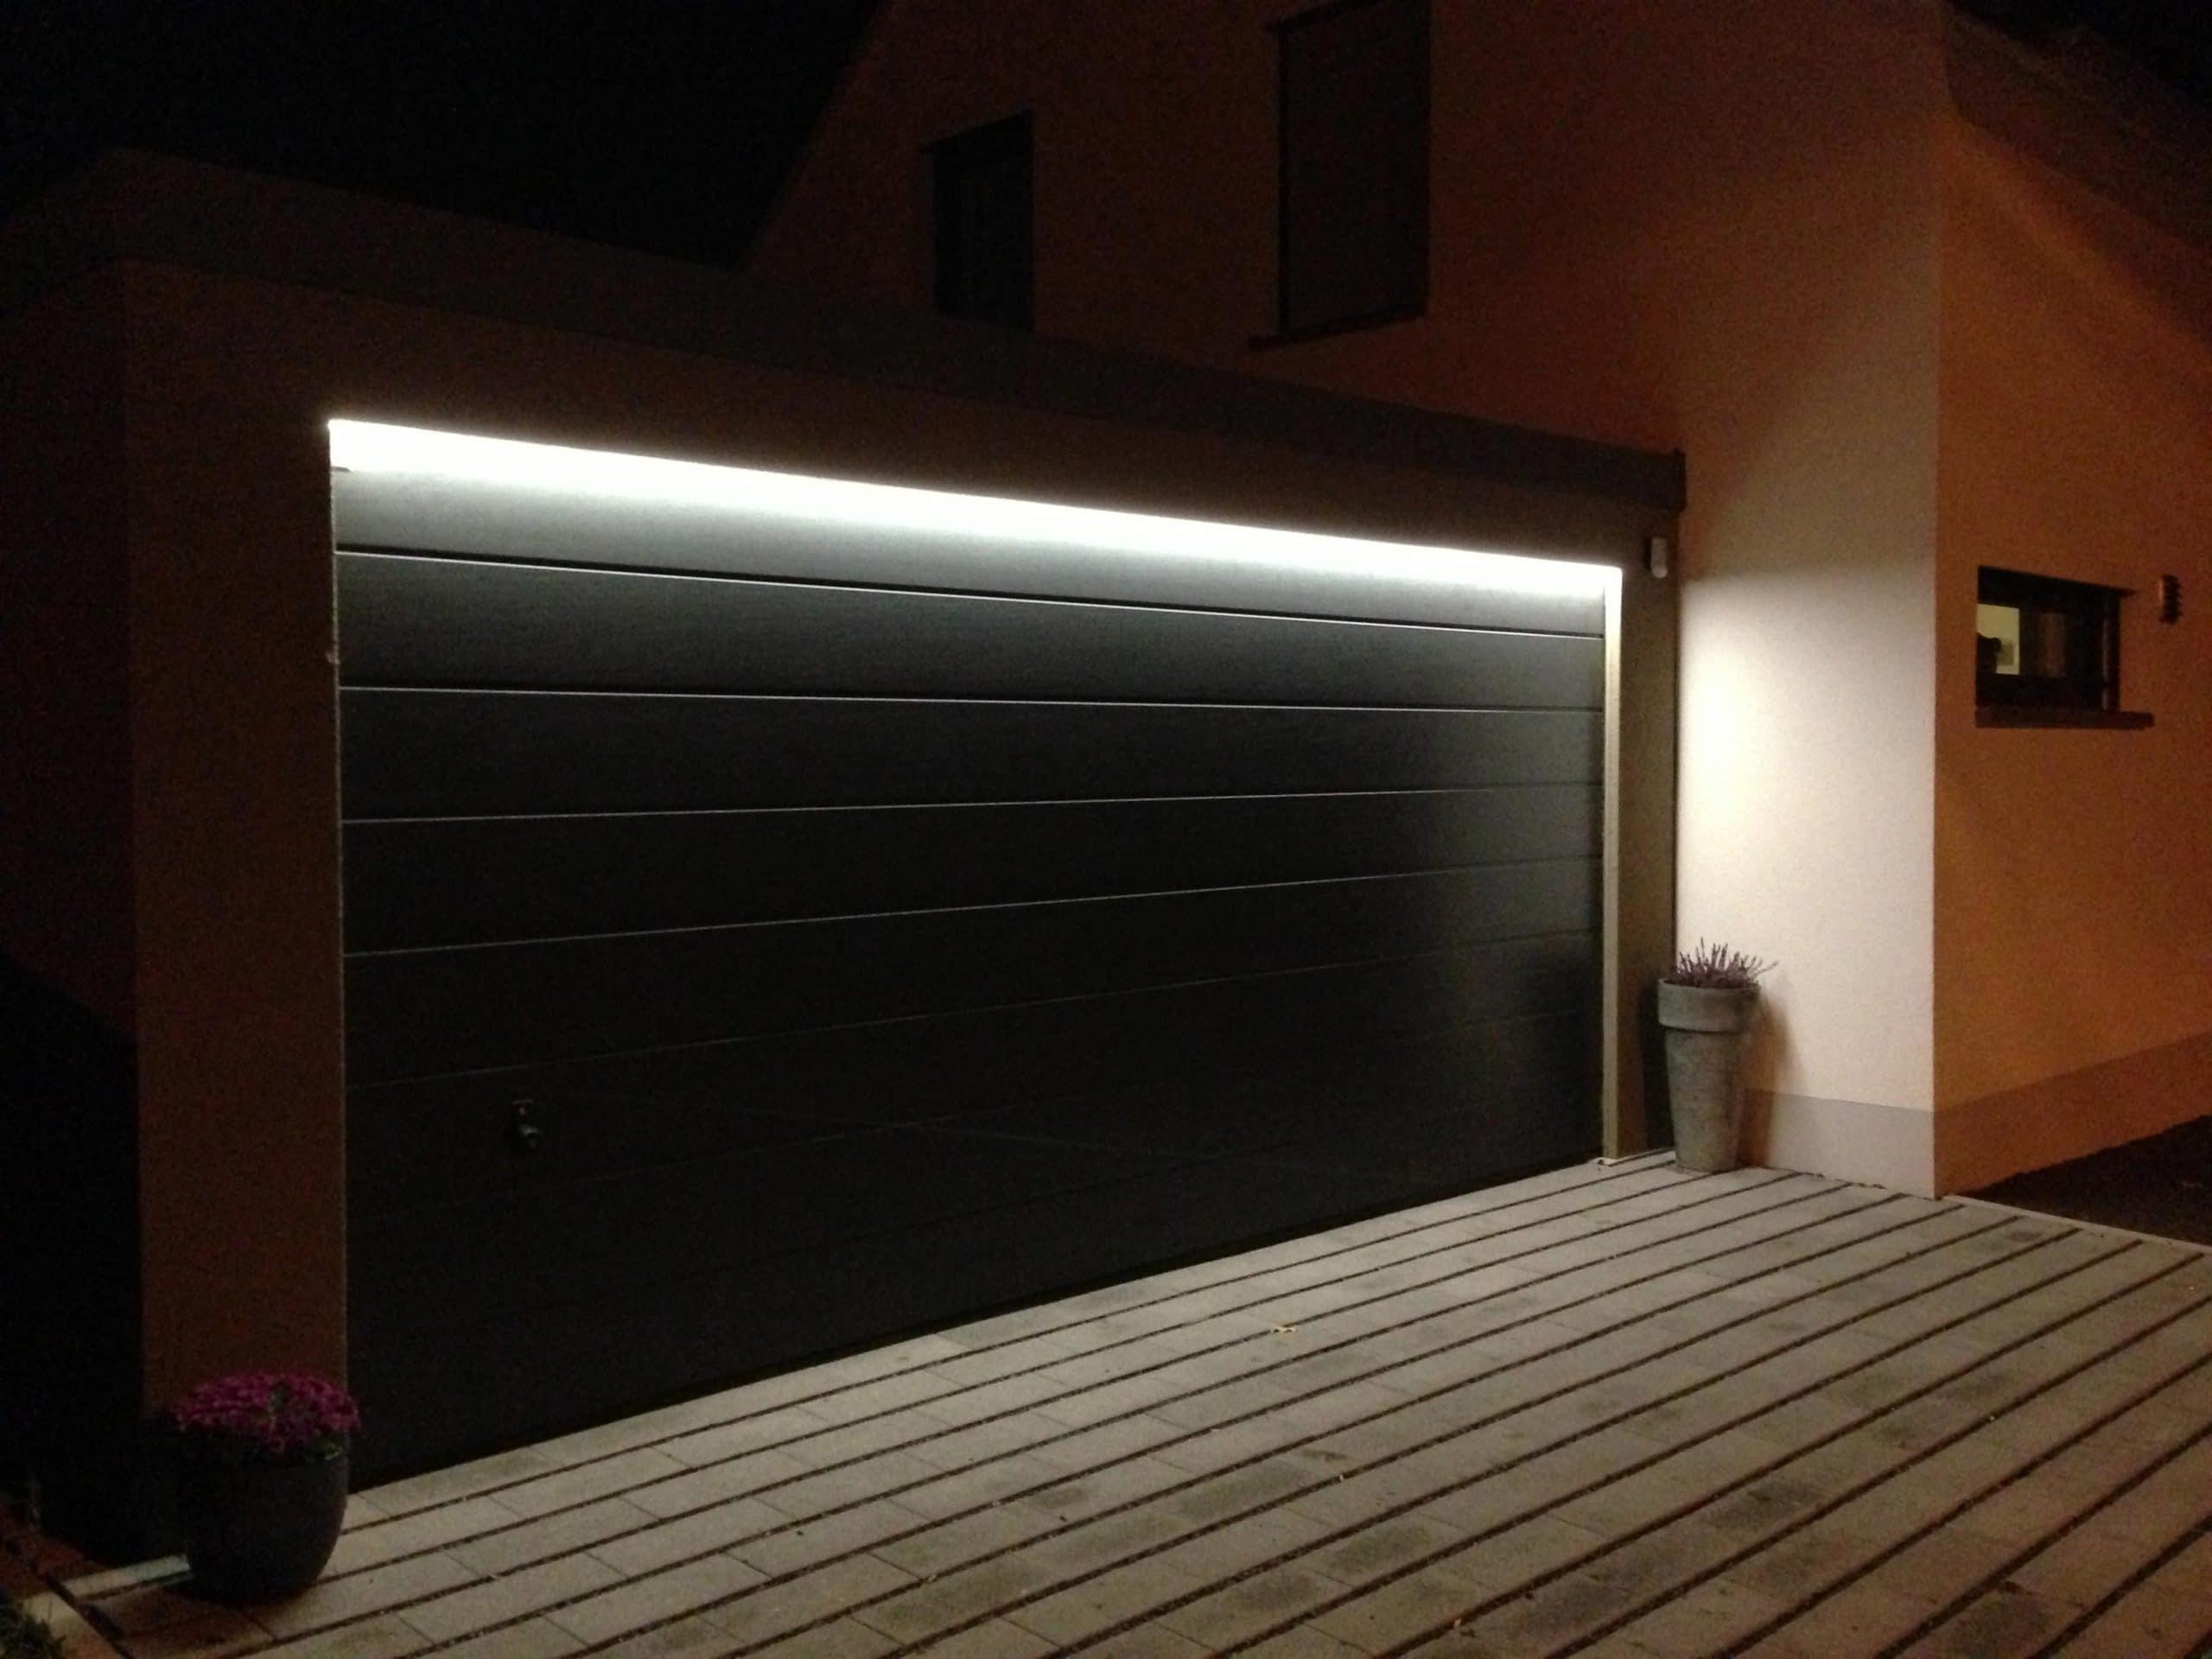 Garagentorbeleuchtung, elegant und unaufdringlich